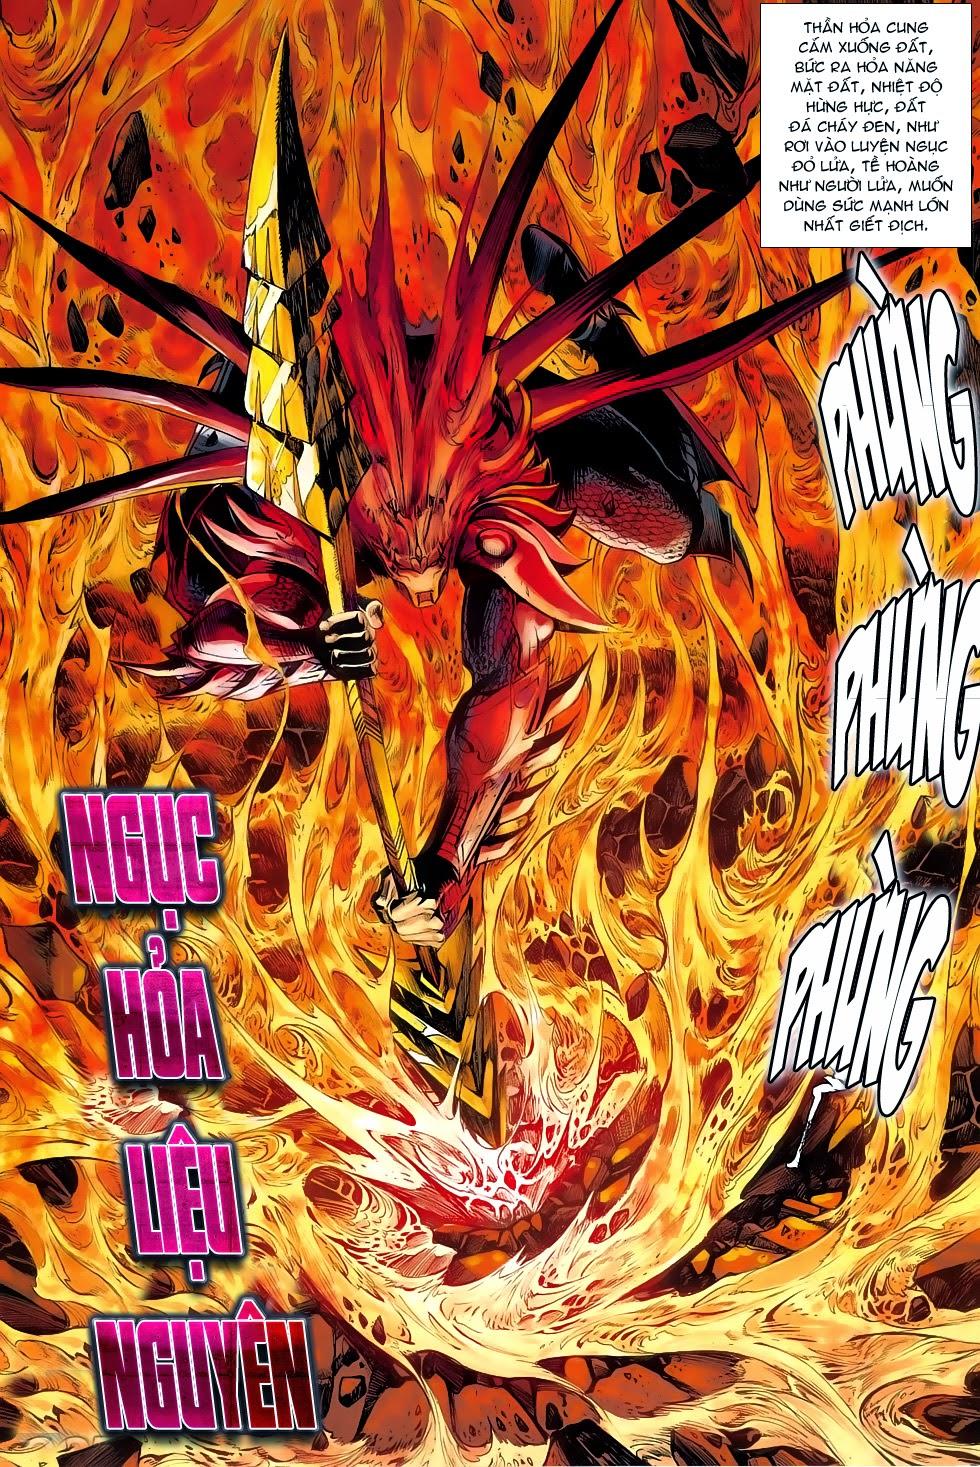 Chiến Phổ chapter 5: lôi hỏa kinh thiên chiến trang 28